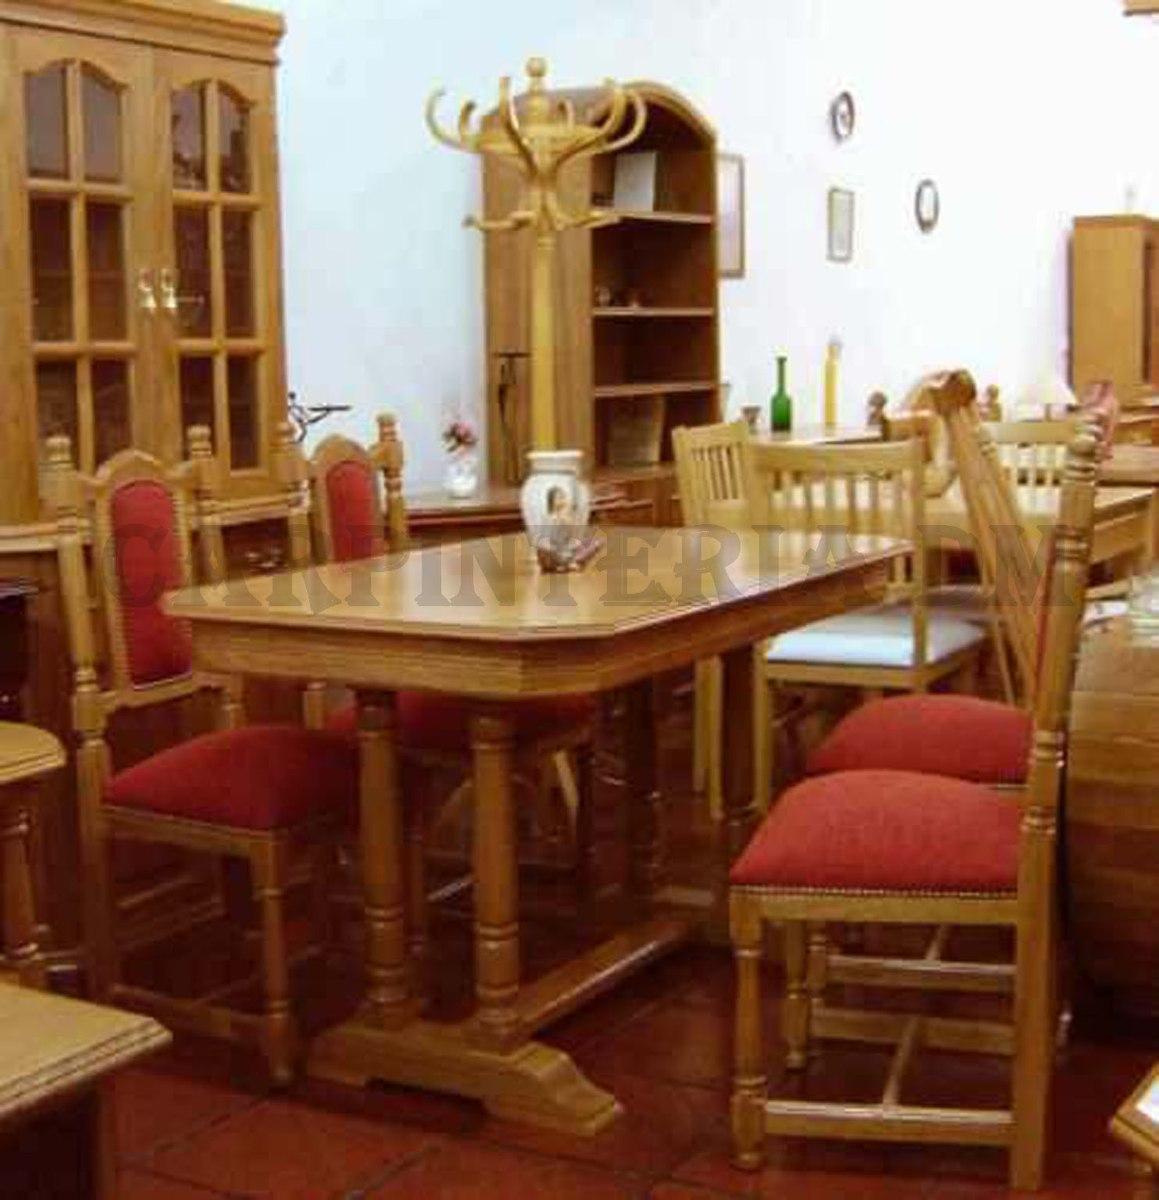 Mesa Comedor En Roble /carpinteria Dm - $ 16.900,00 en Mercado Libre